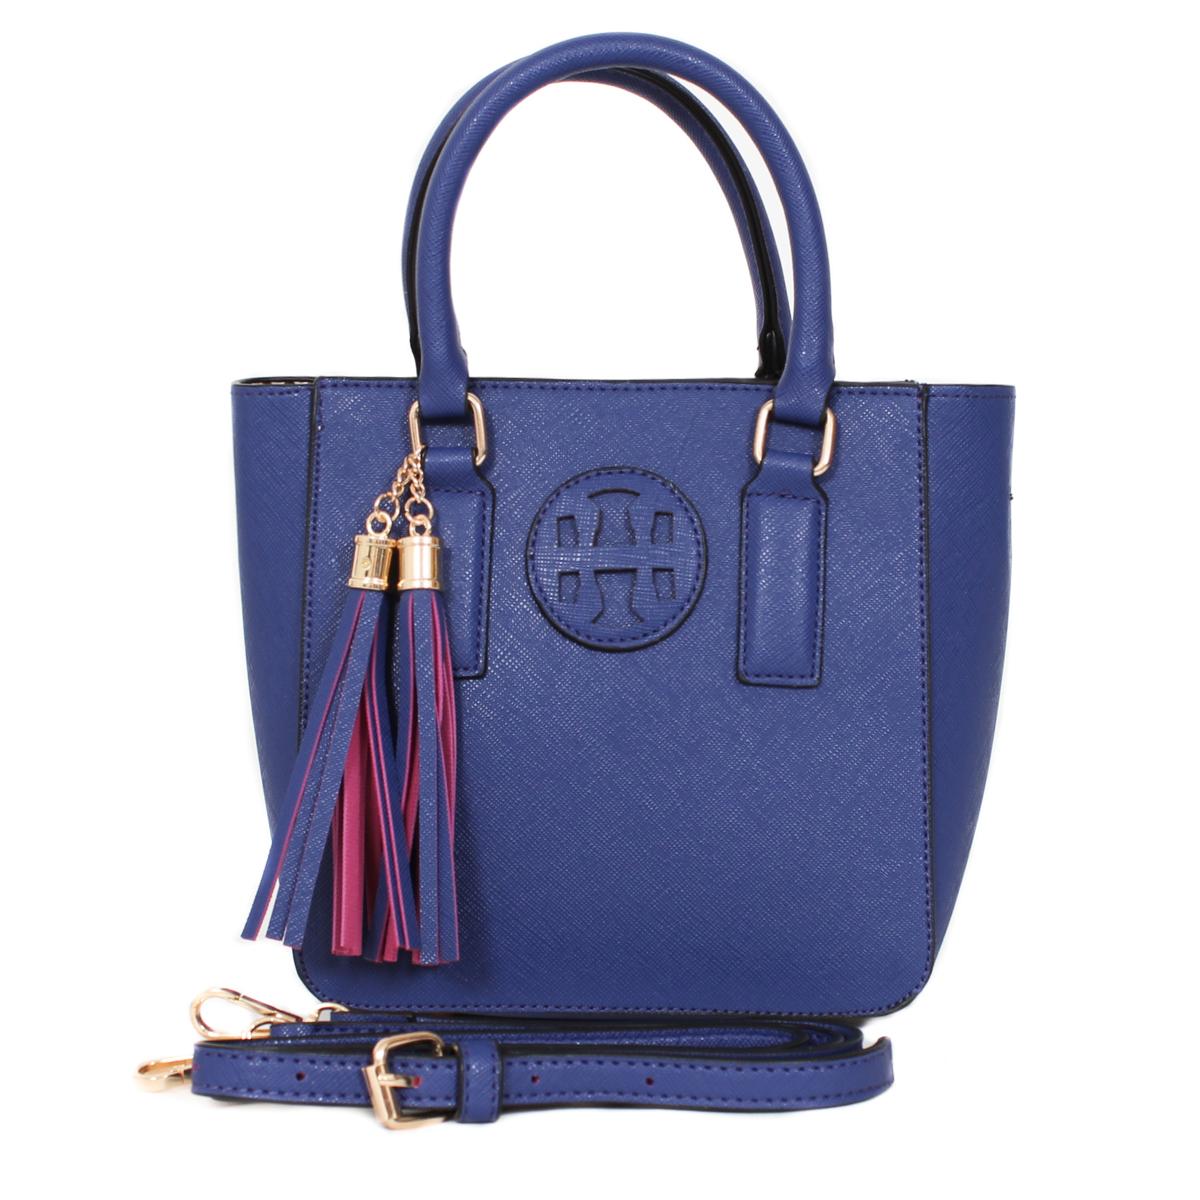 Сумка жен. Flioraj, цвет: синий. 0005139300051393Закрывается на молнию. Внутри одно отделение. Длинный ремень. Высота ручки - 11 см.